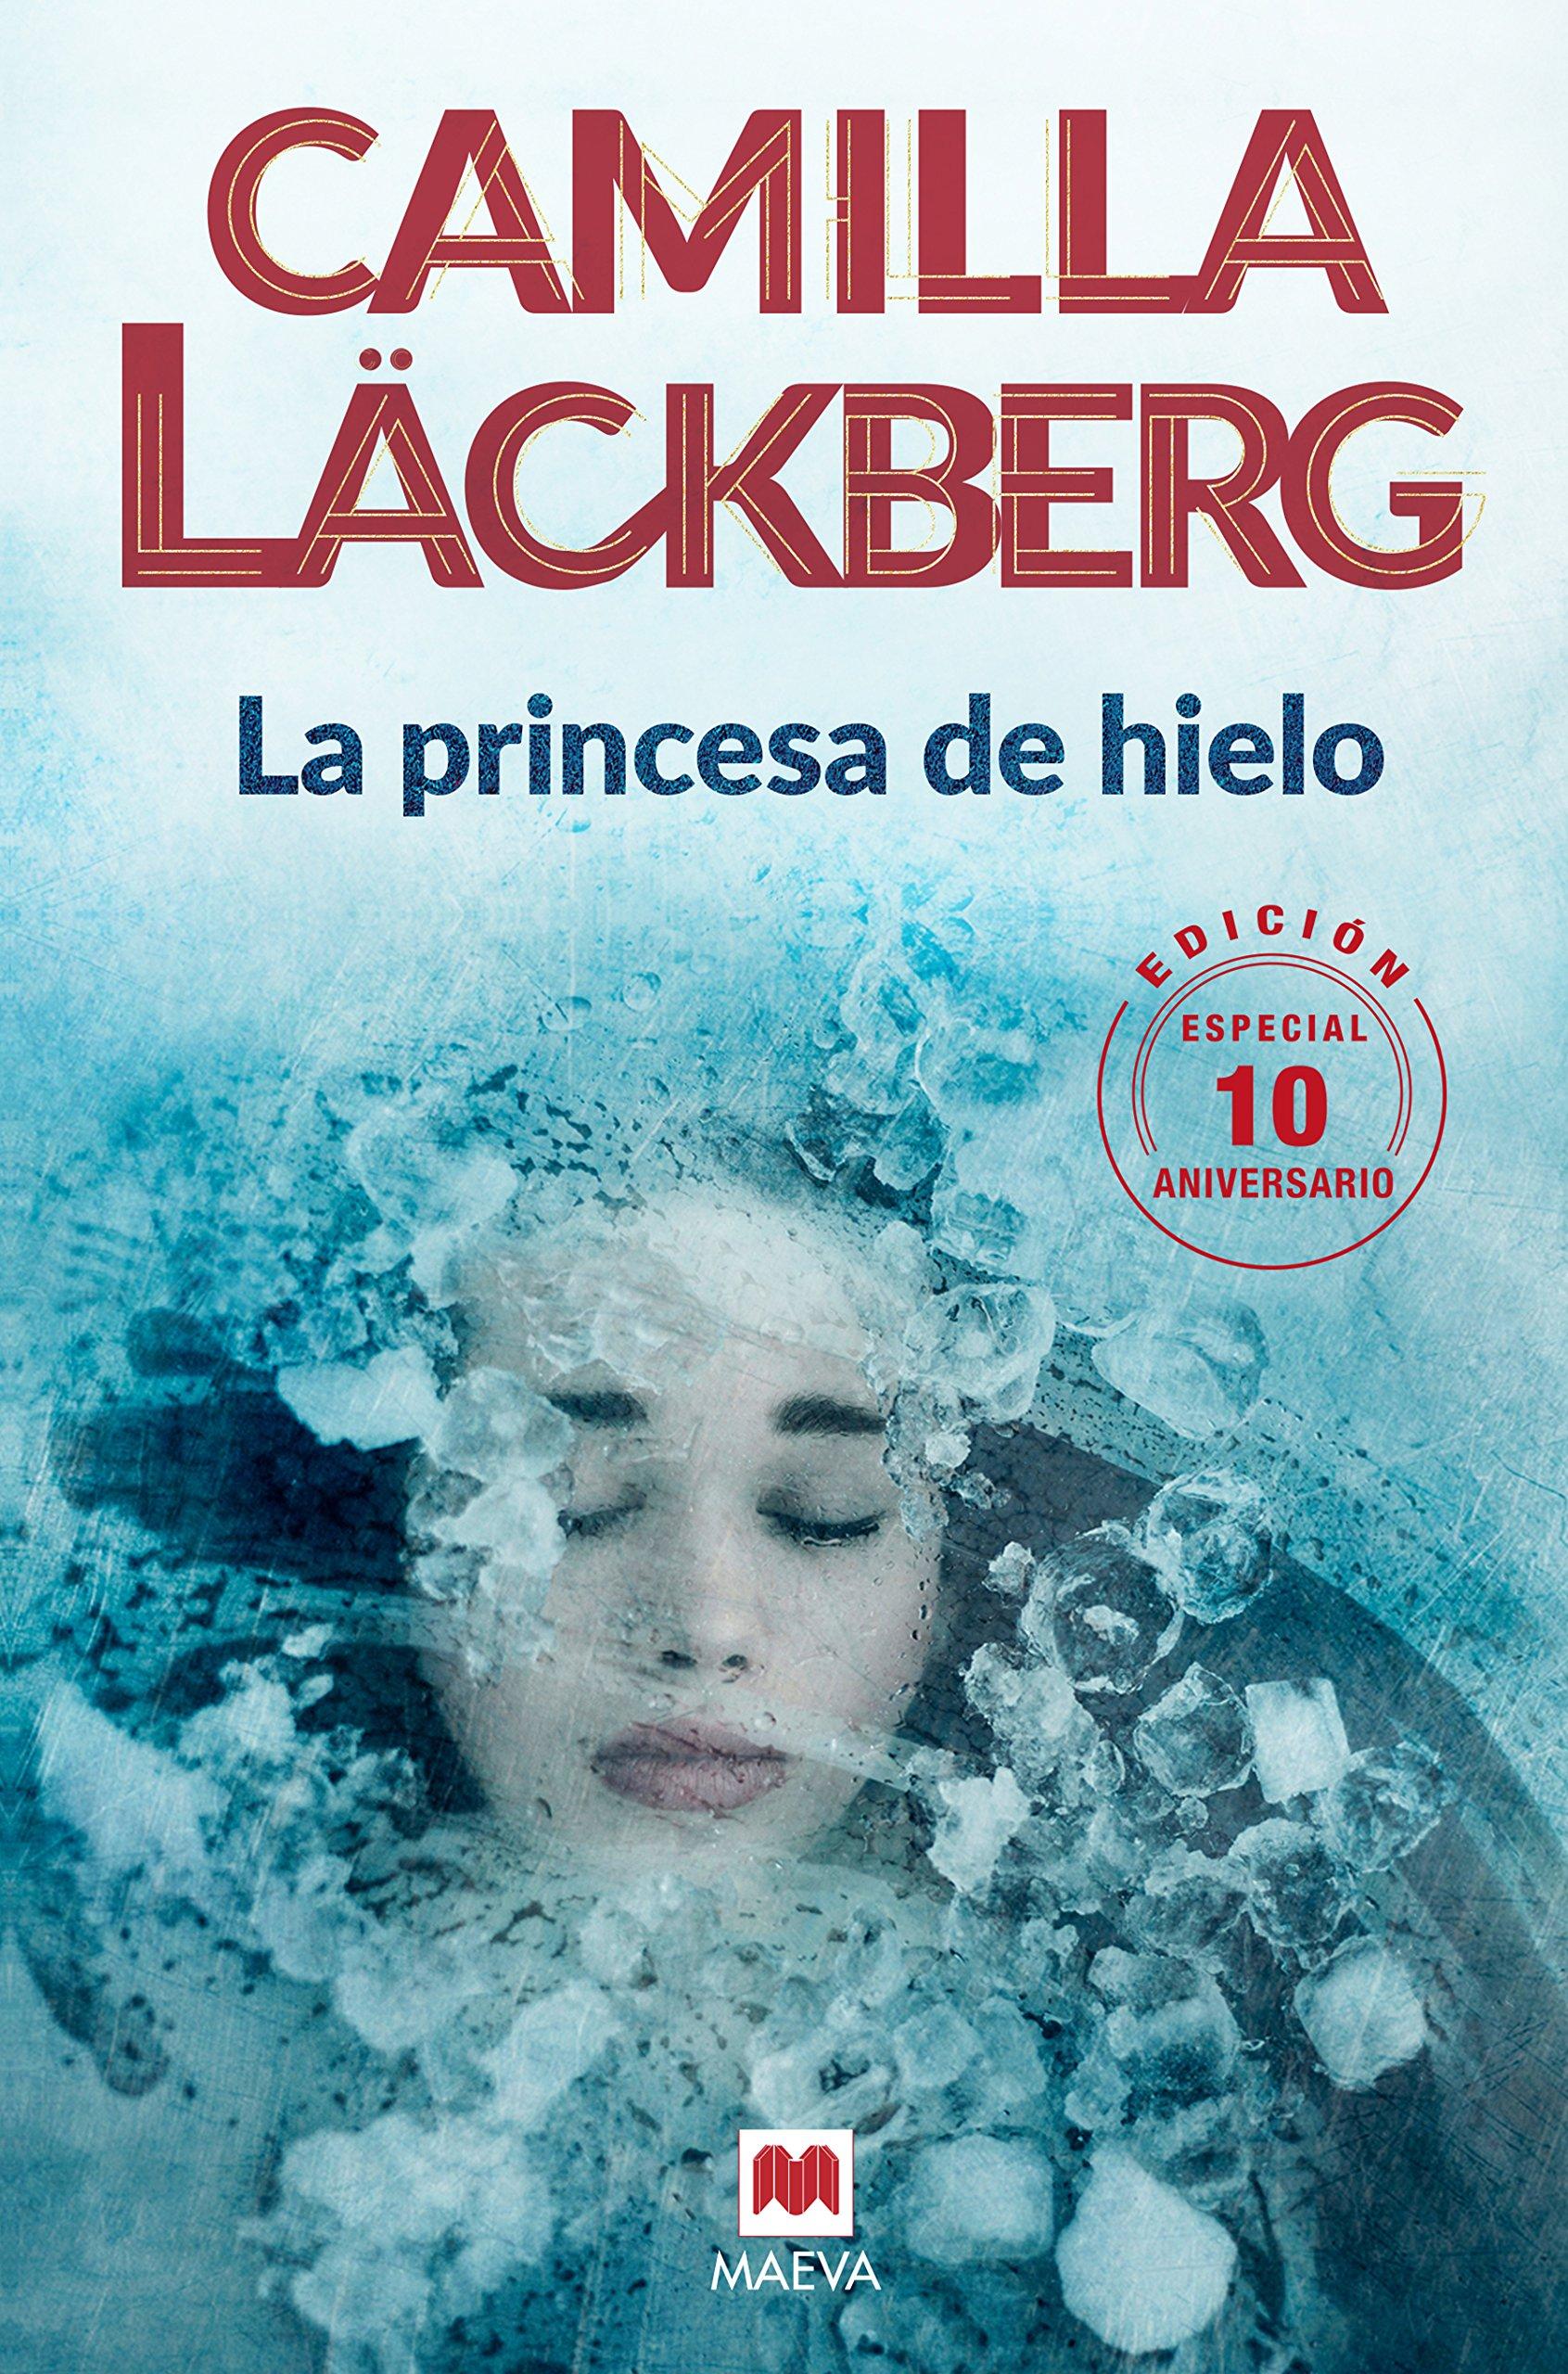 La princesa de hielo 10 Aniversario Camilla Läckberg: Amazon.es ...